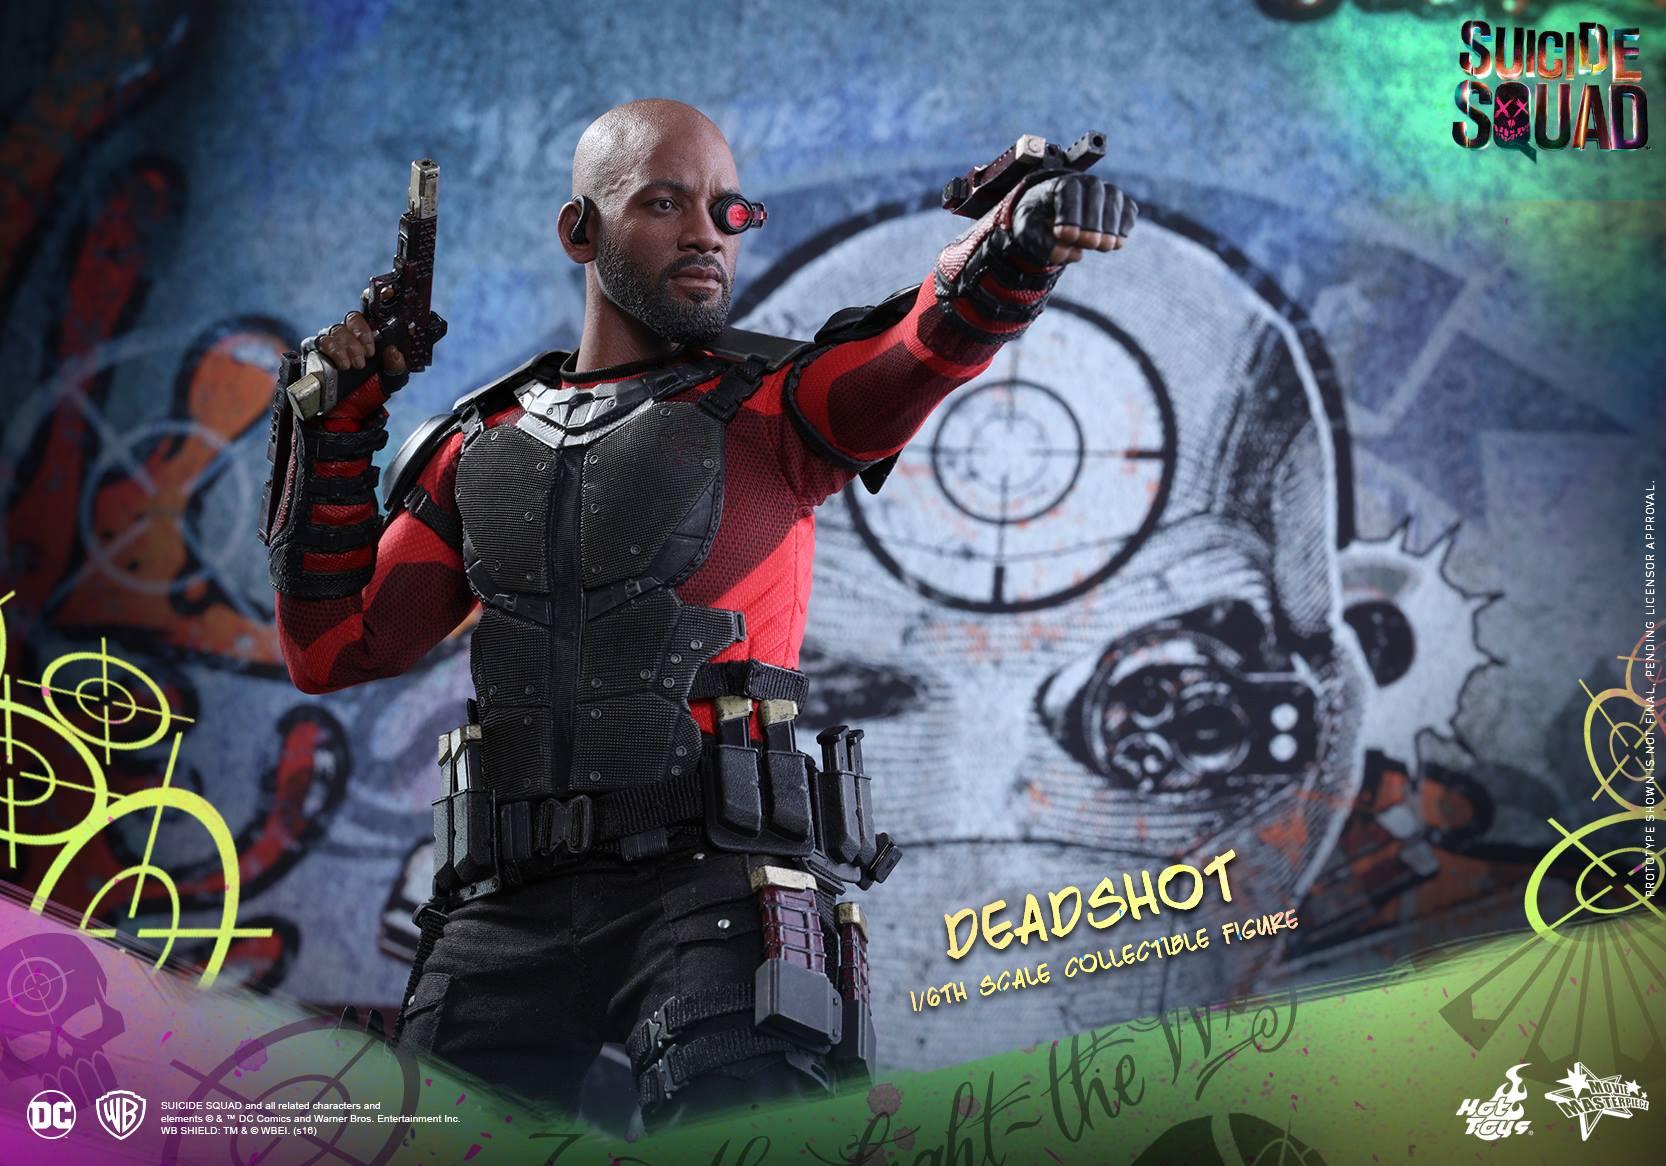 Hot-Toys-Suicide-Squad-Deadshot-3